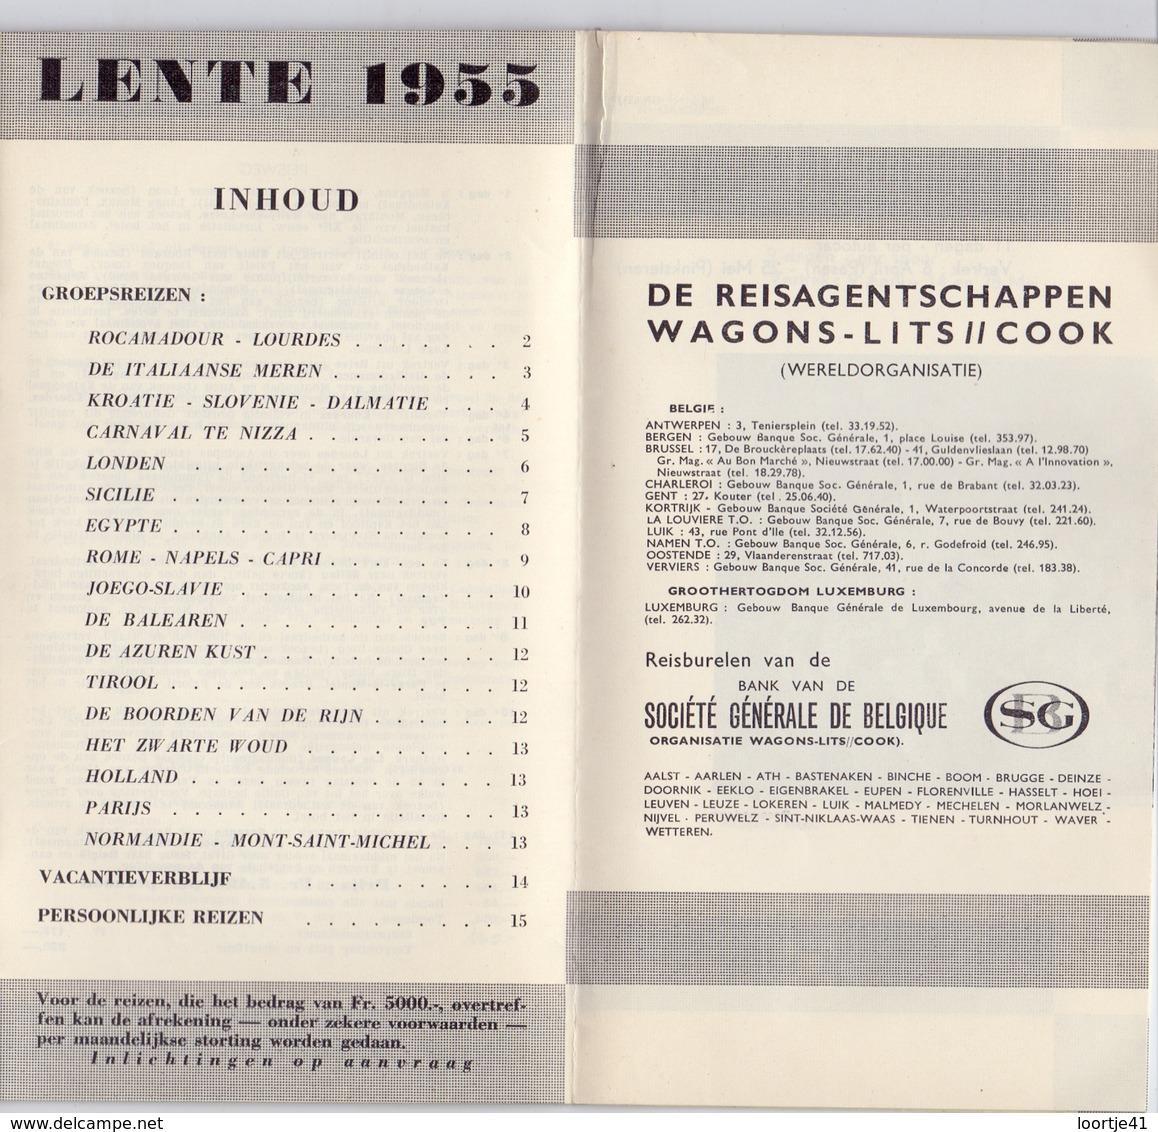 Brochure Dépliant Faltblatt Toerisme Tourisme -Lente 1955 - Wagons Lits - Cook - Dépliants Touristiques